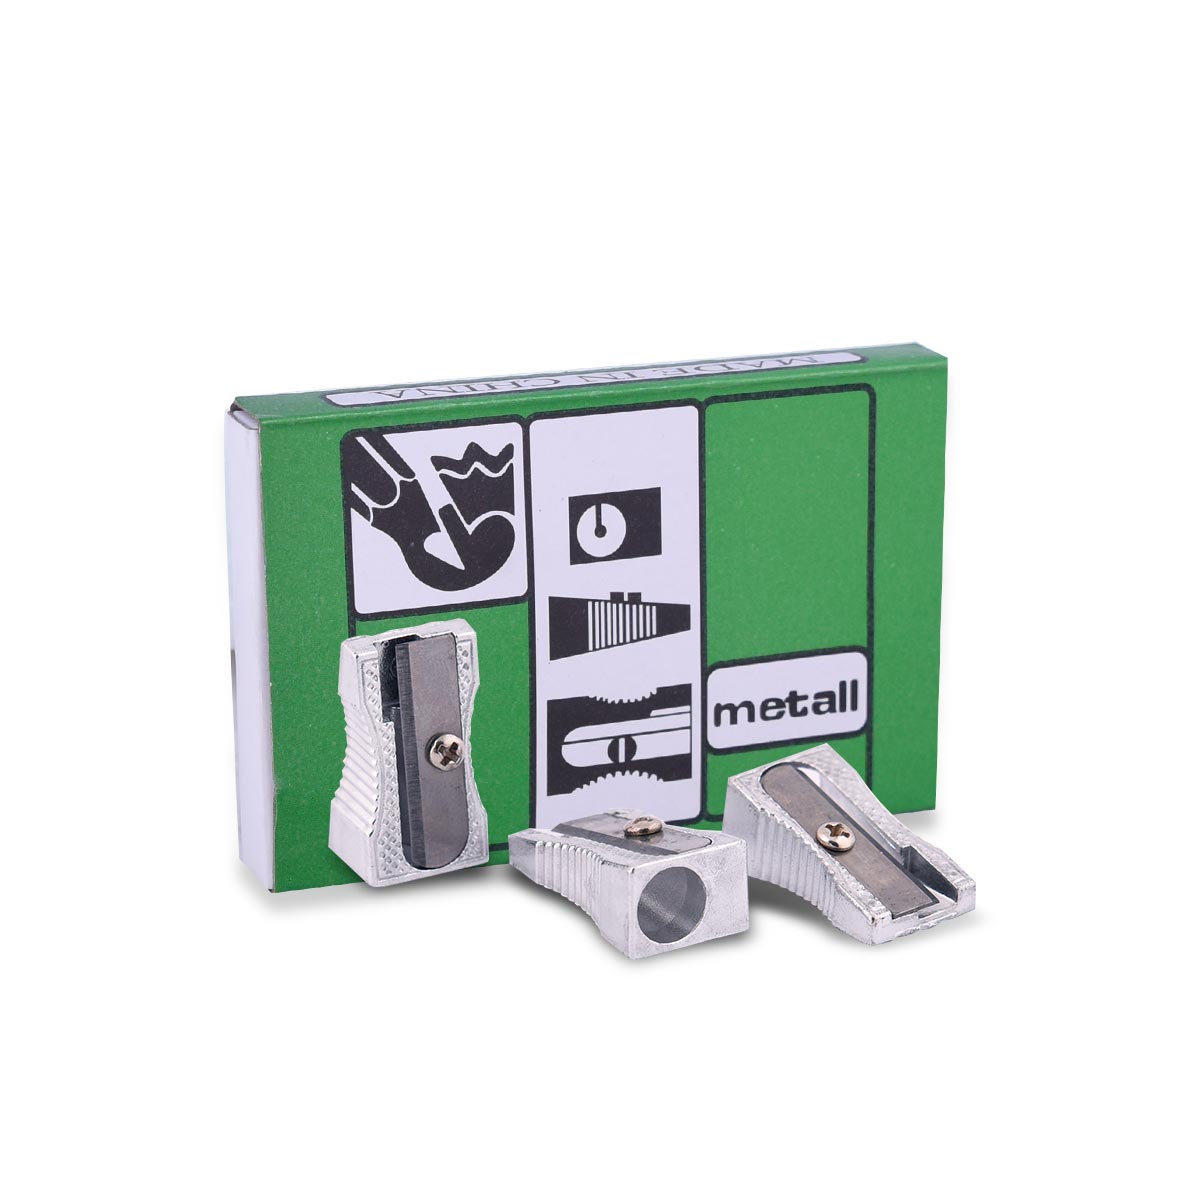 طقم براية اقلام رصاص واقلام تلوين فتحة واحدة , 24 براية , رقم YM-21289